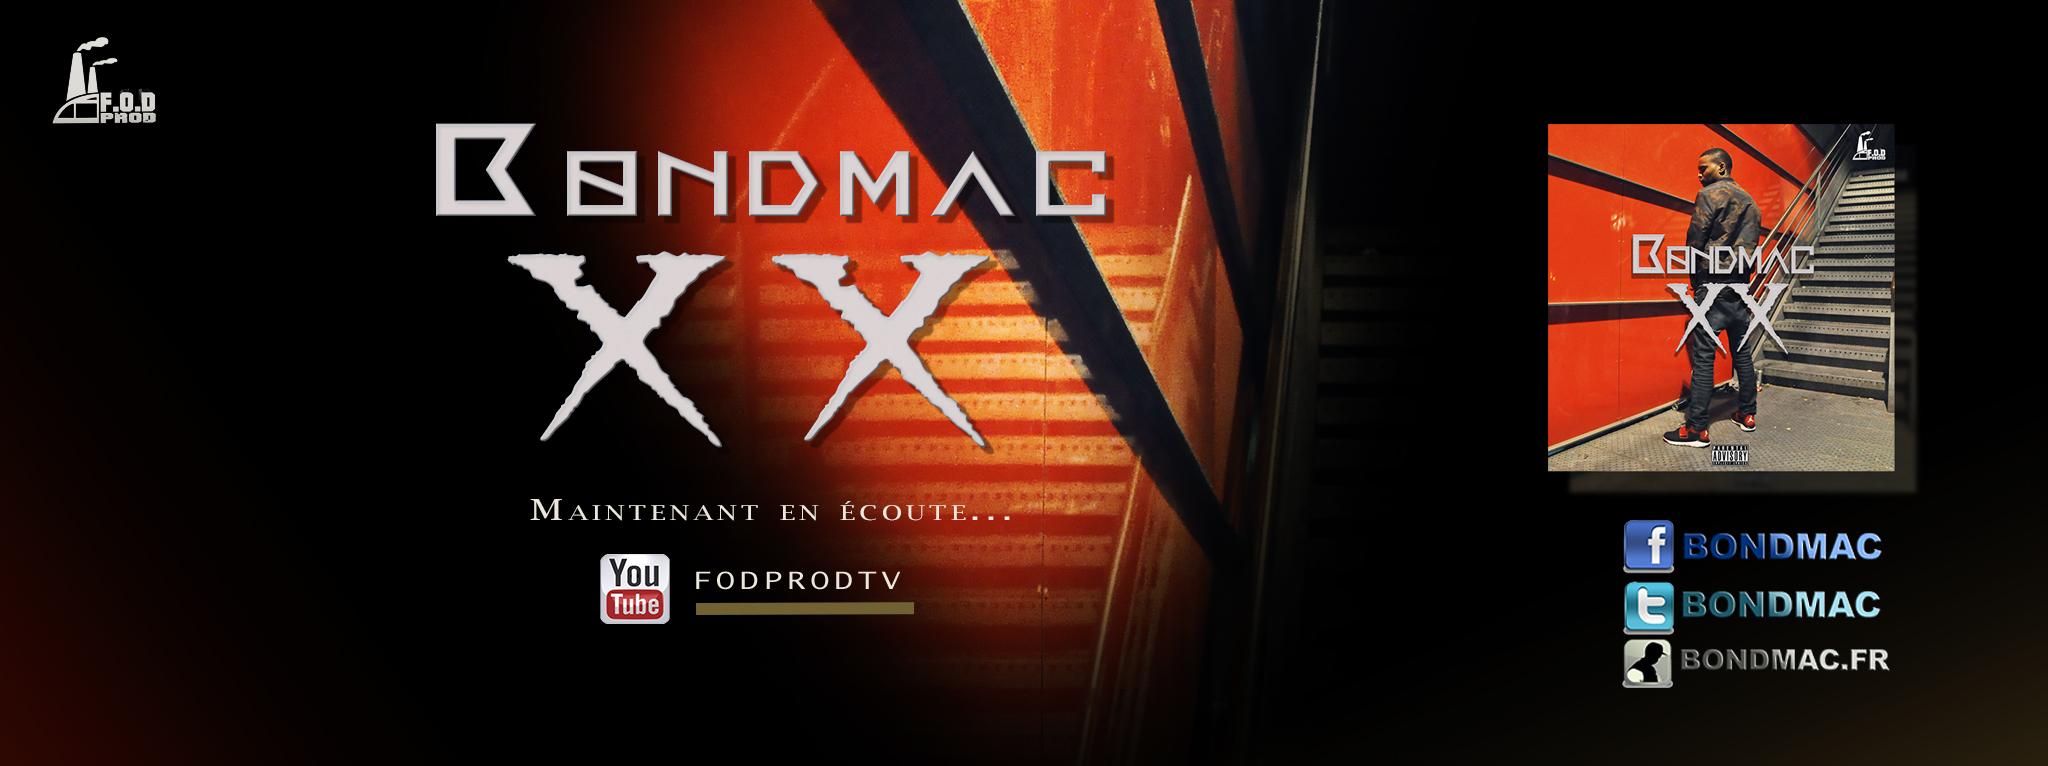 Bondmac – XX Banniere